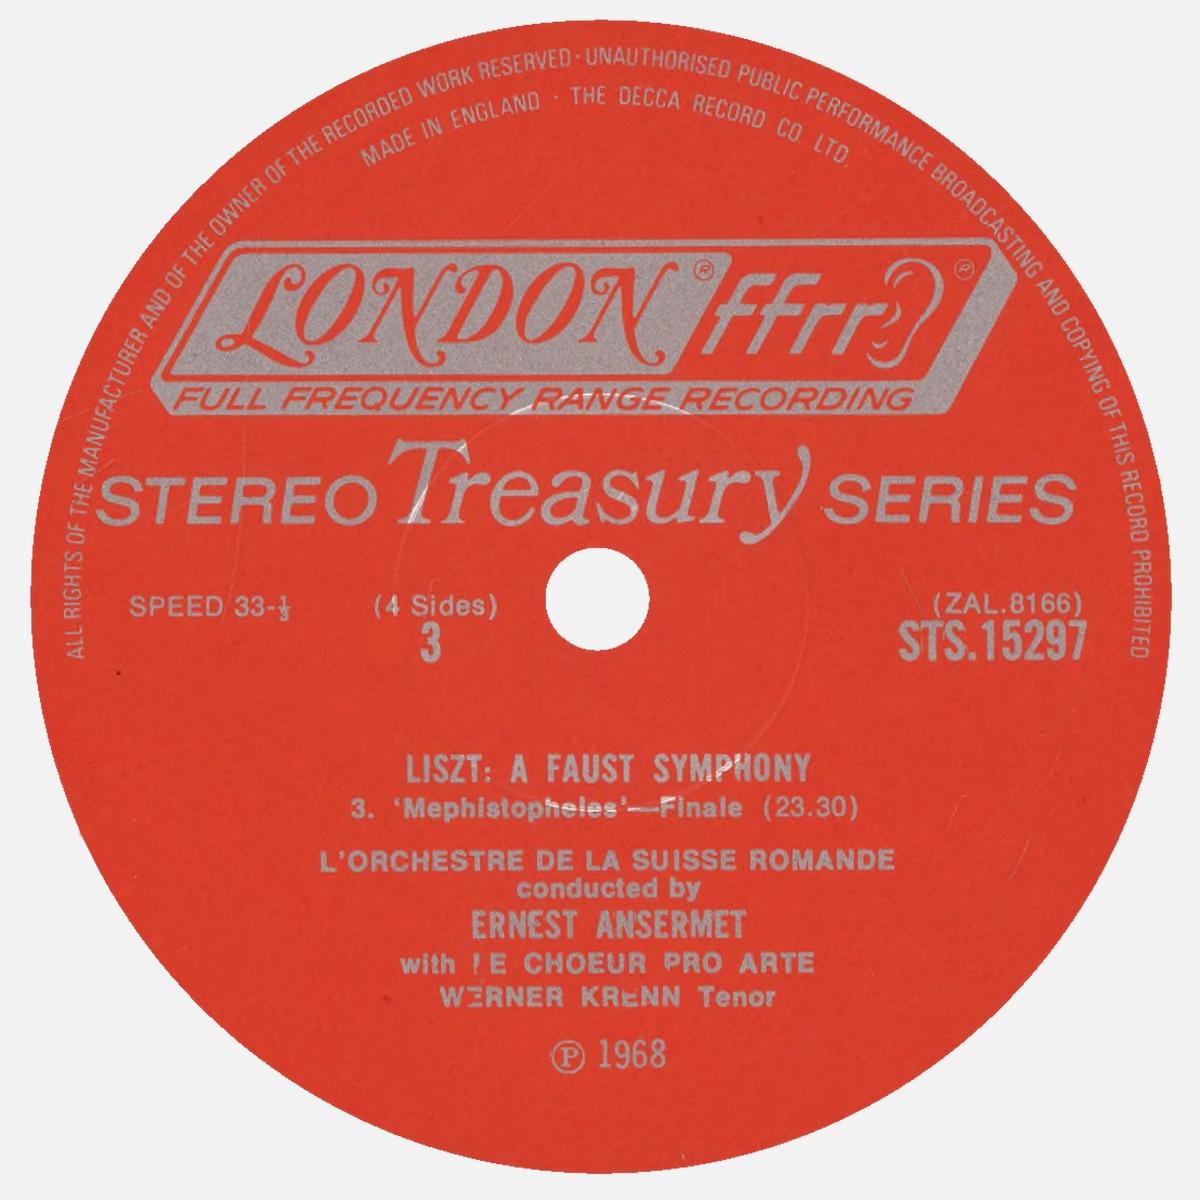 Étiquette recto du disque Decca STS 15297